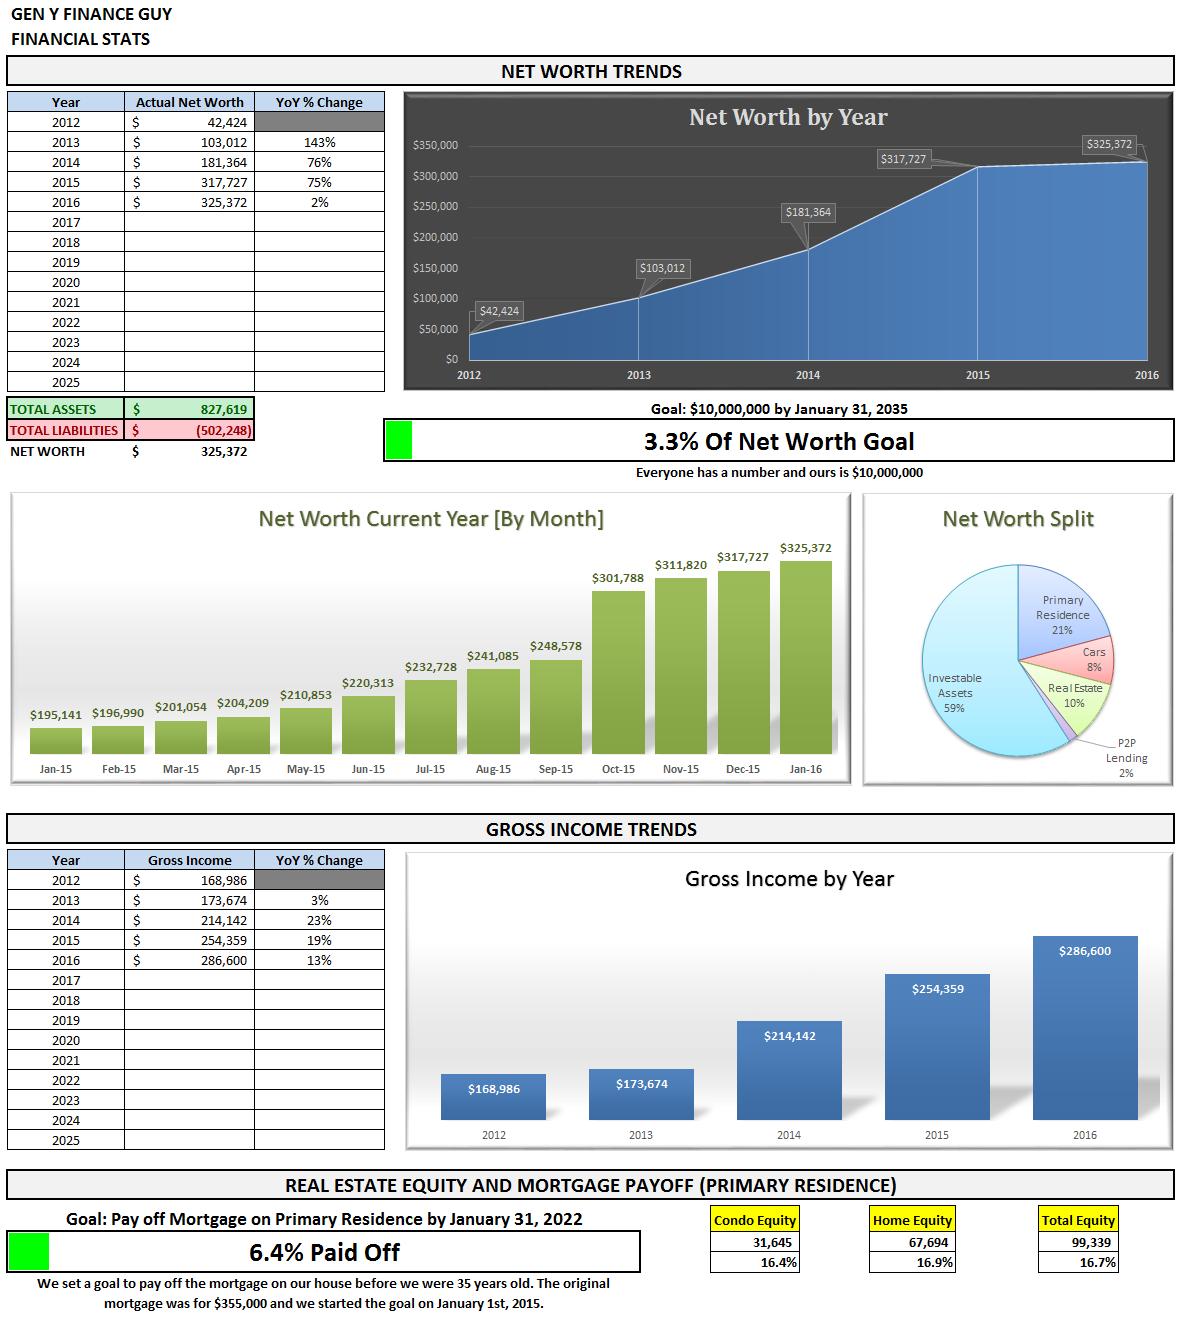 Financial Stats Summary January 2016